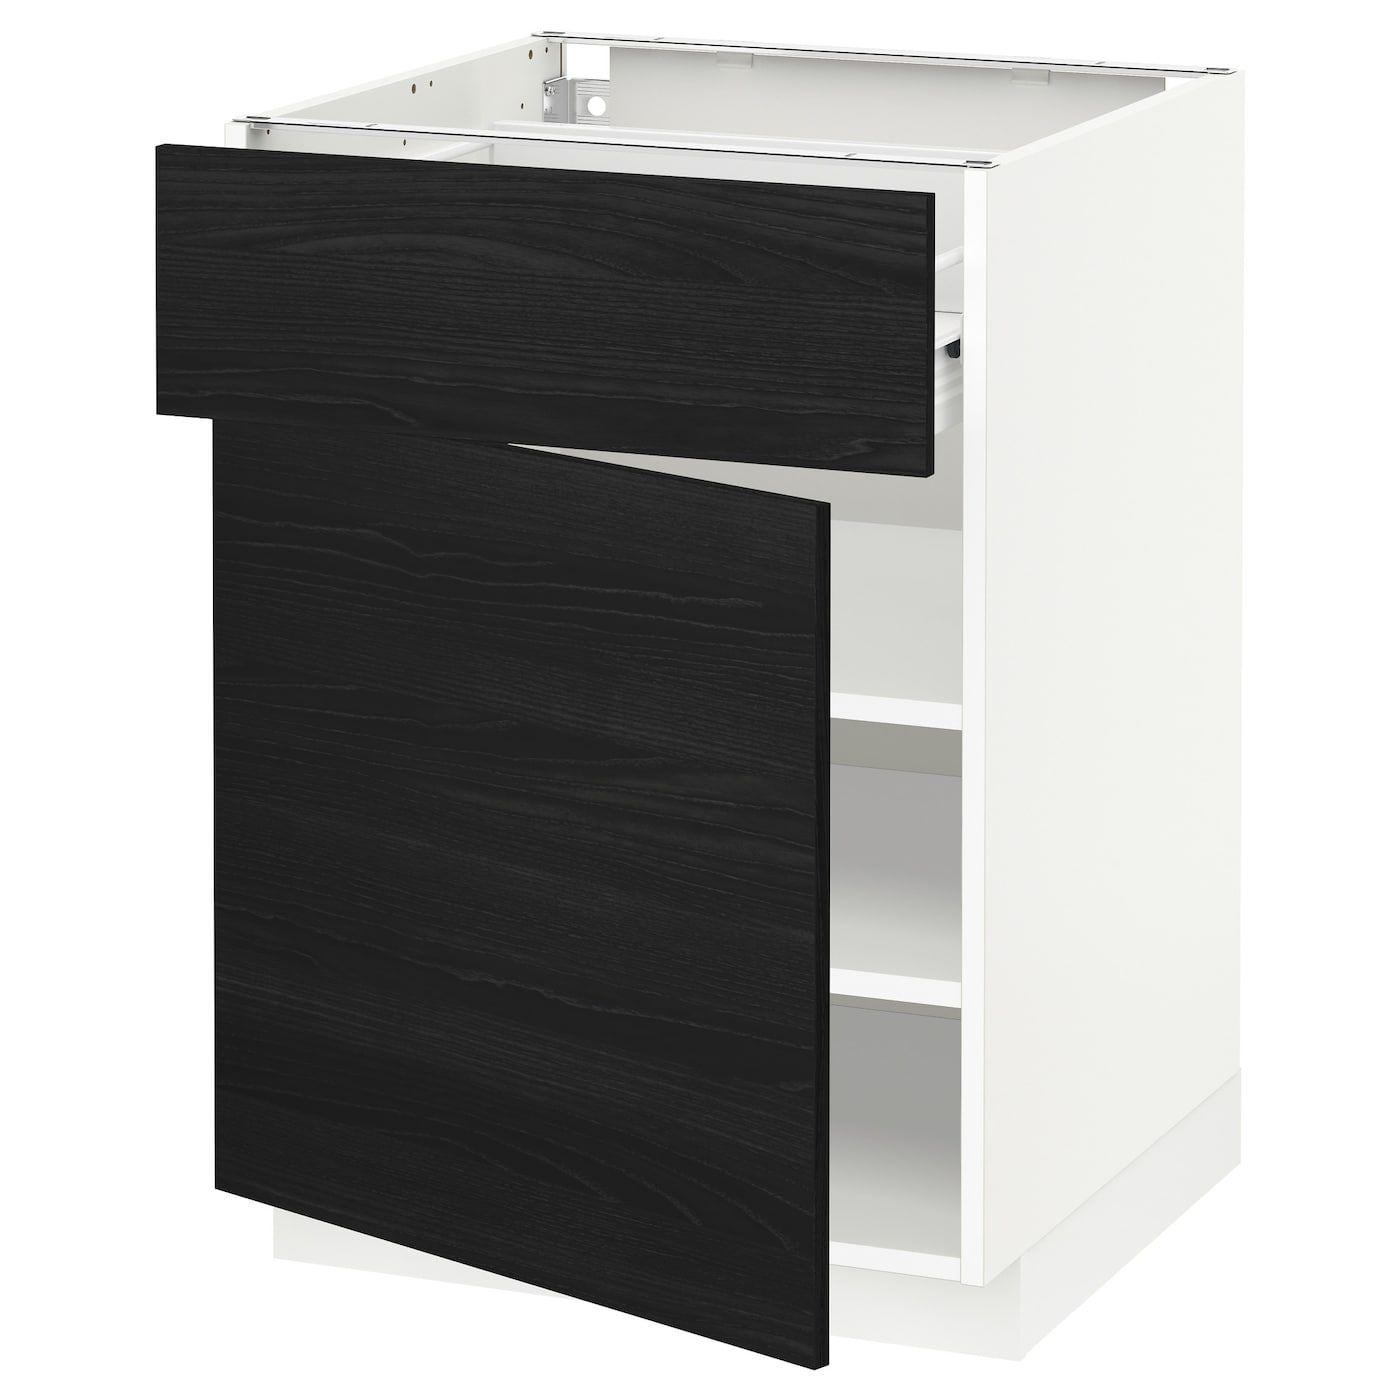 Metod Forvara Weiss Unterschrank Mit Schublade Tur Frame Colour In 2020 Unterschrank Schubladen Und Ikea